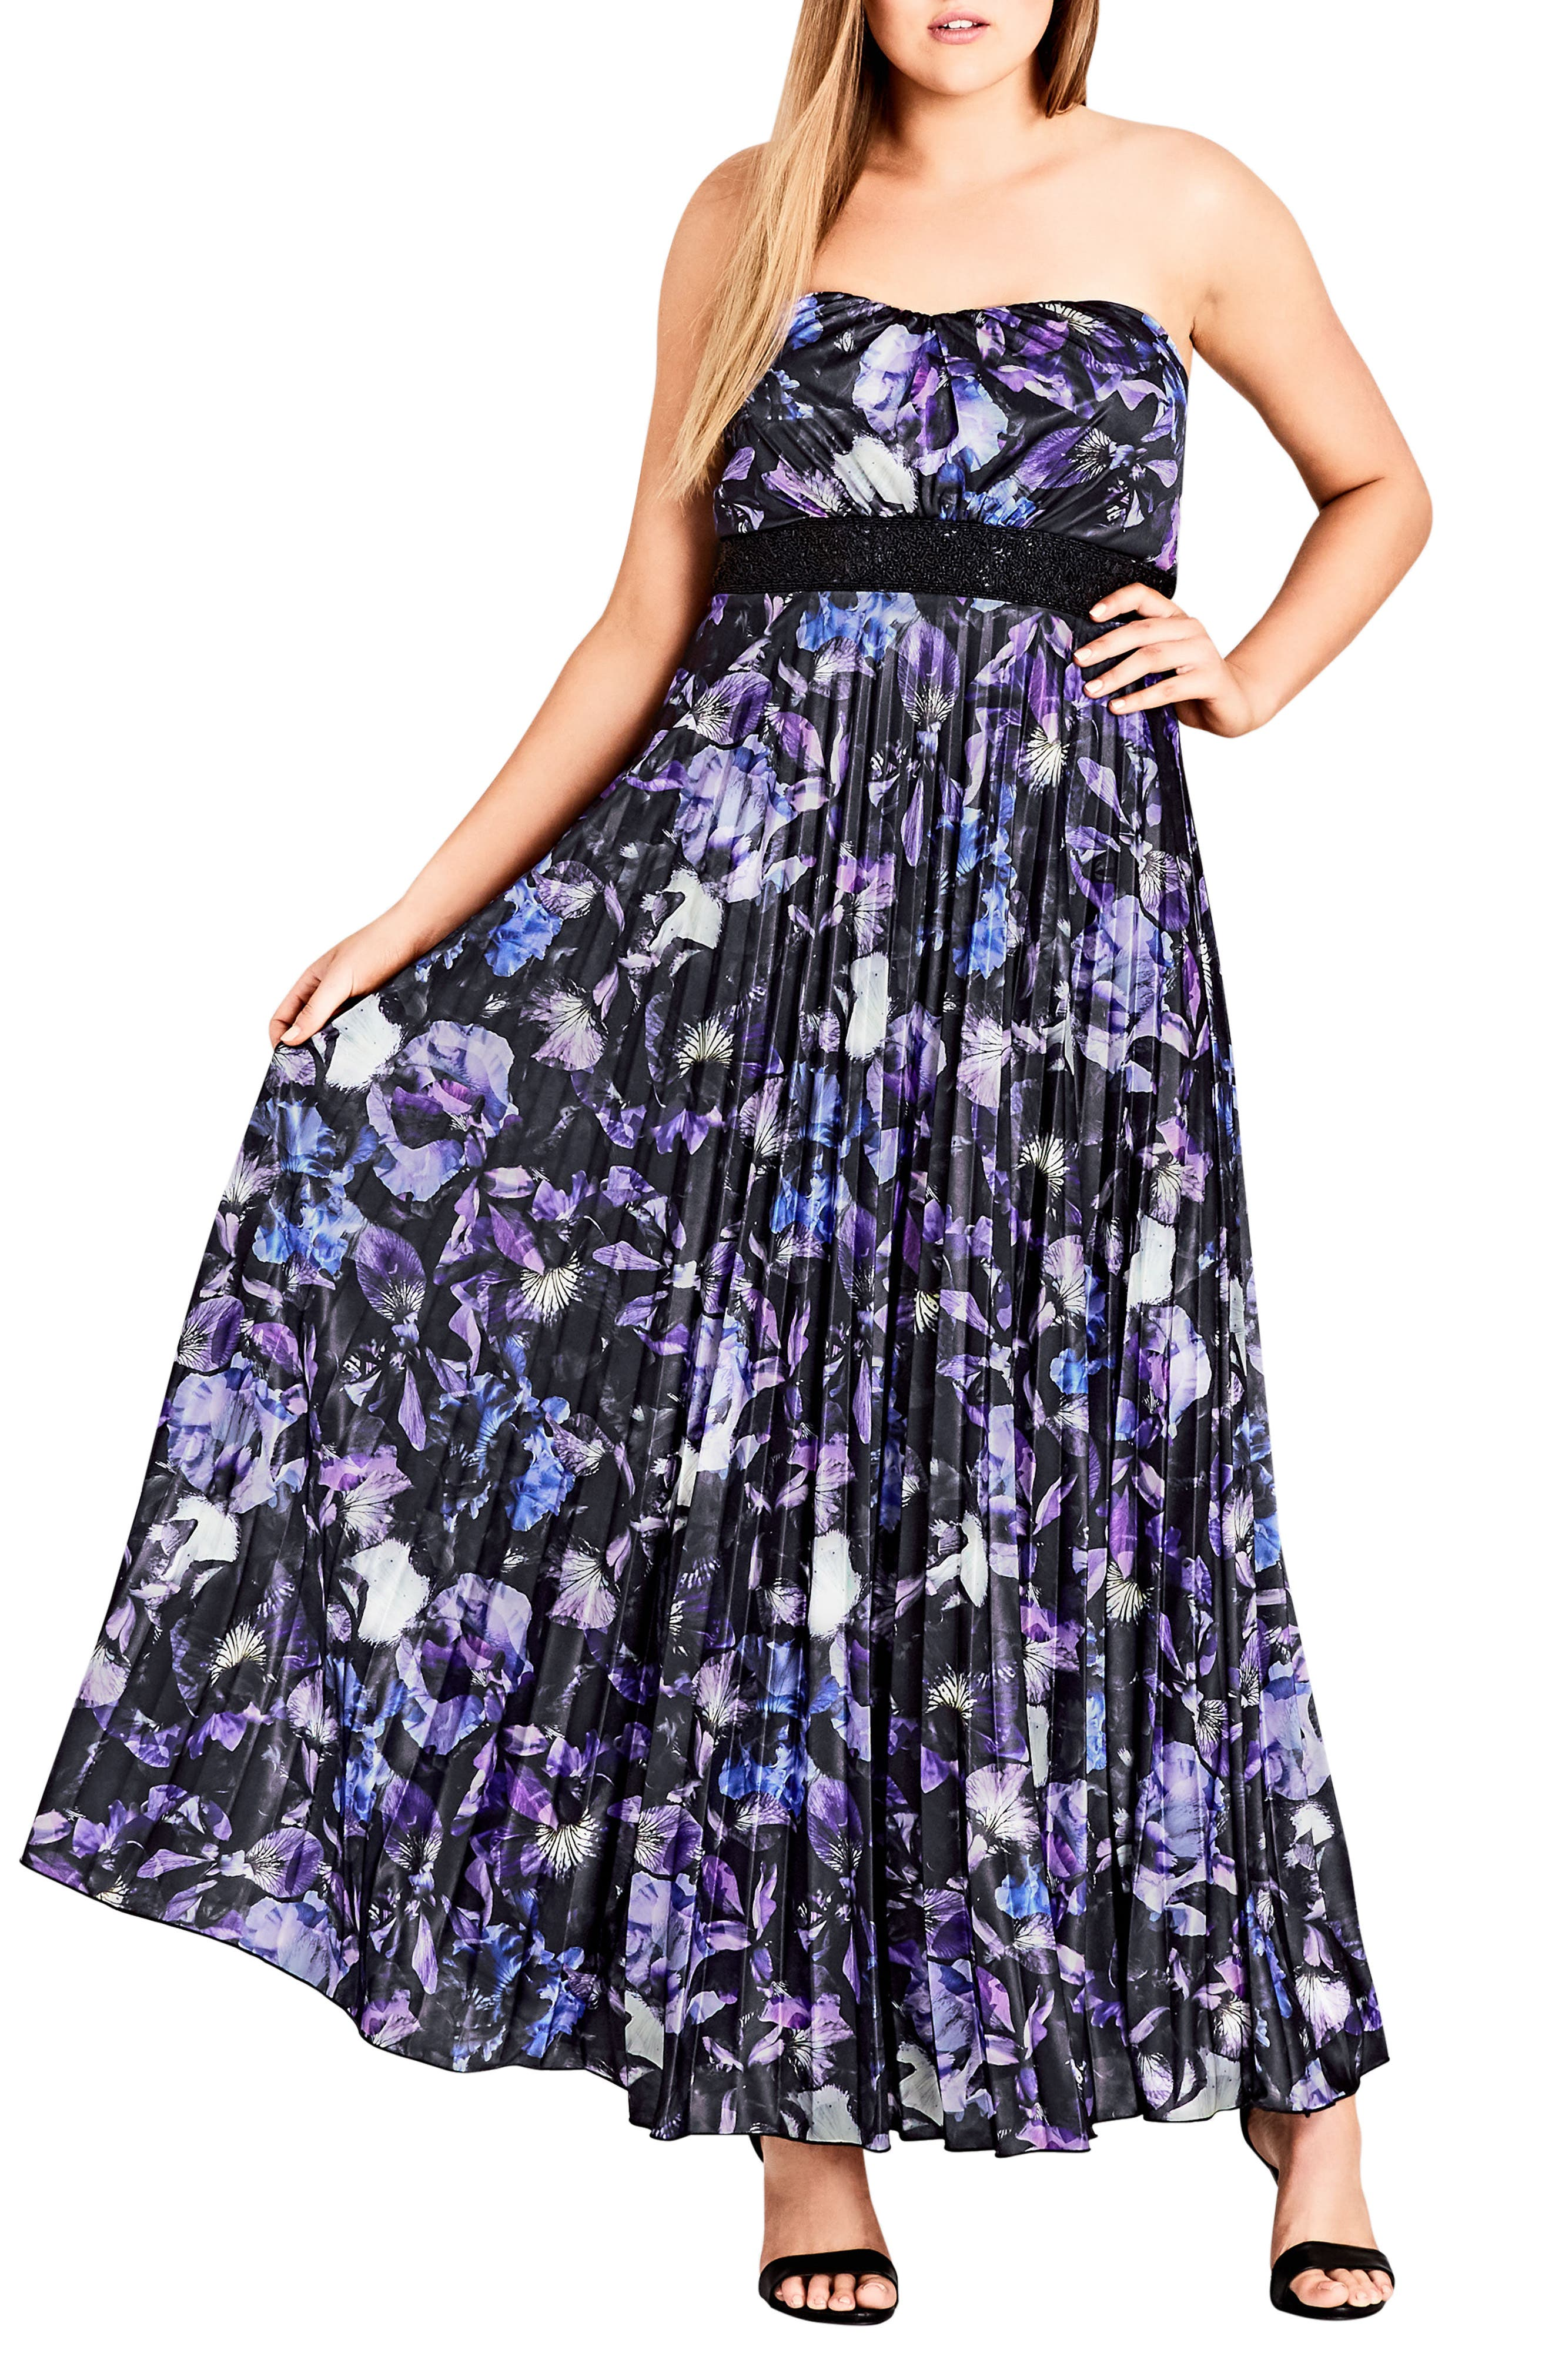 Lavender Floral Maxi Dress,                             Main thumbnail 1, color,                             LAVENDER FLORAL